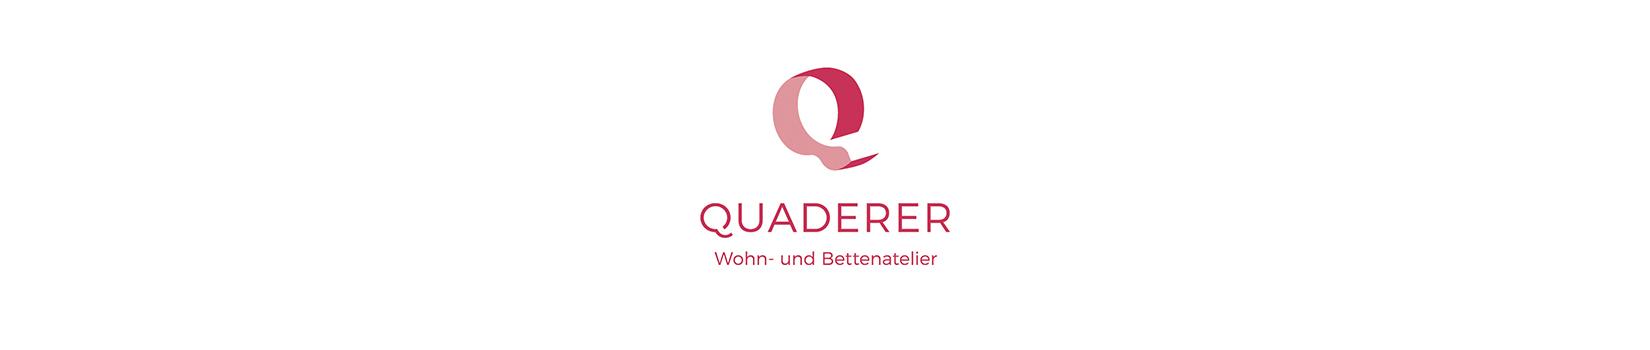 Quaderer AG - Wohn- und Bettenatelier